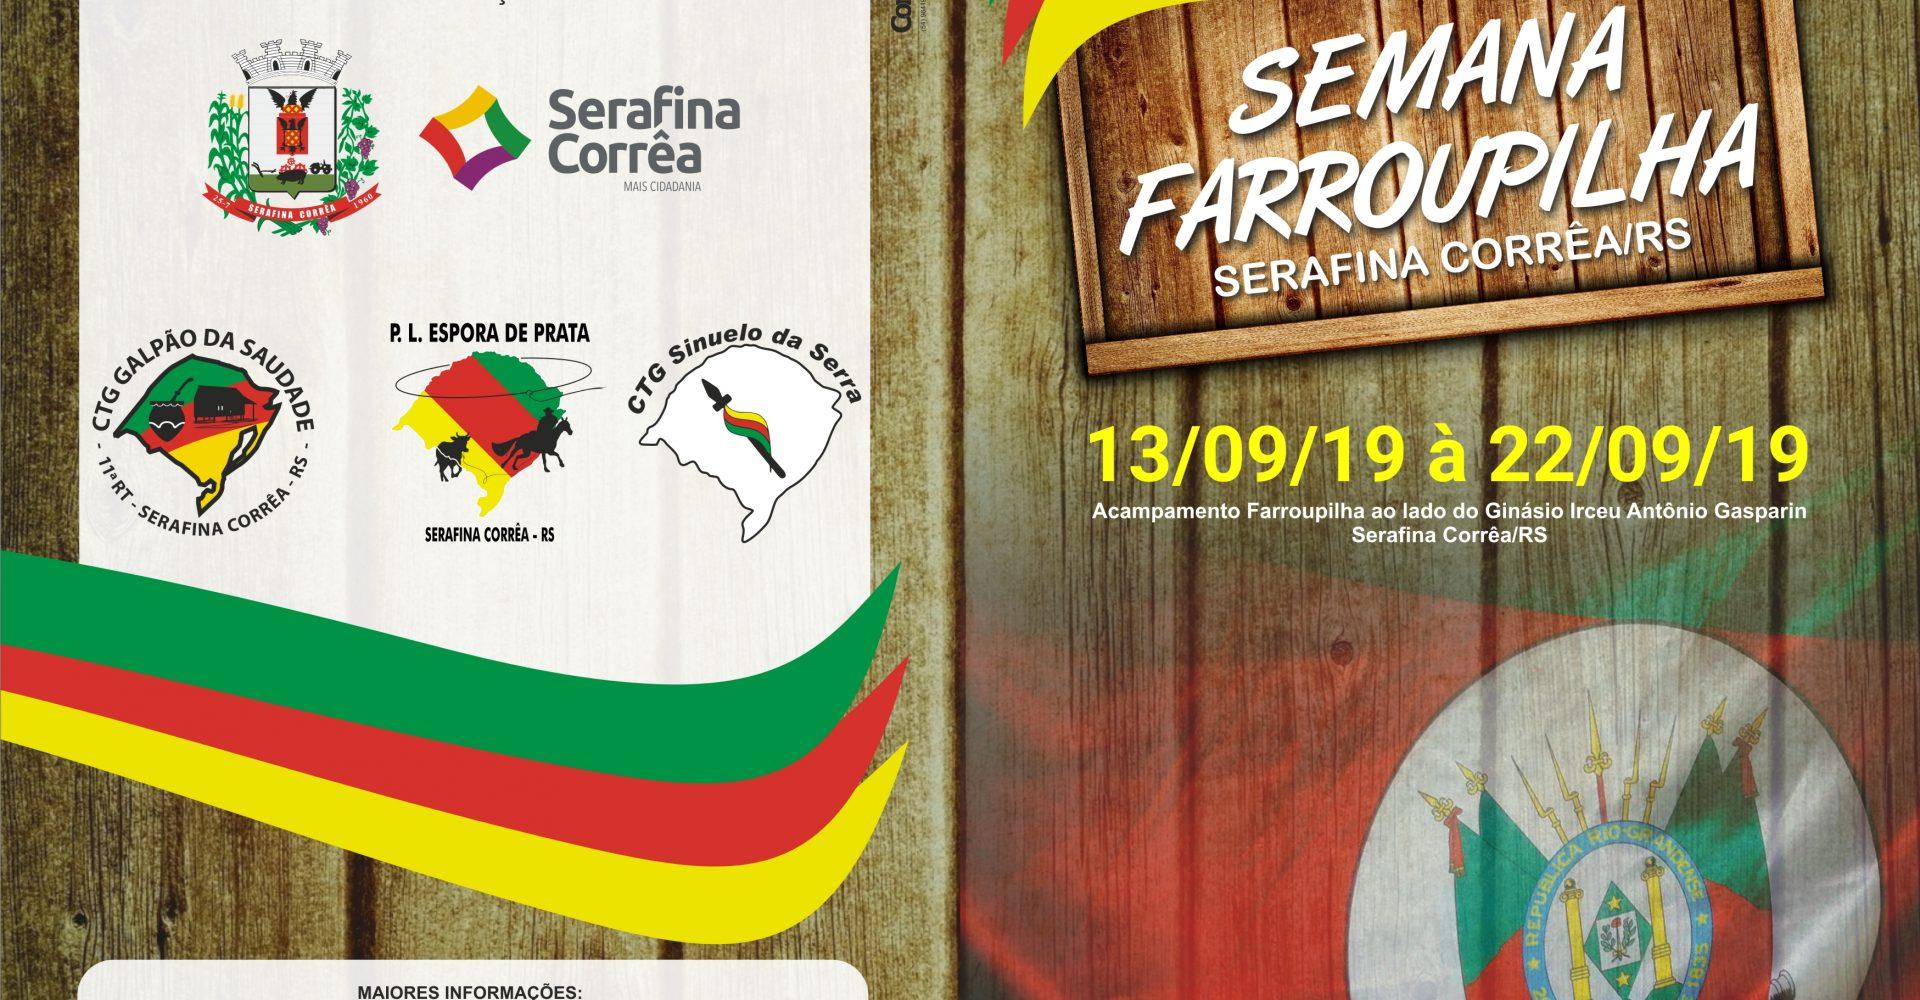 Confira a programação da Semana Farroupilha 2019 de Serafina Corrêa